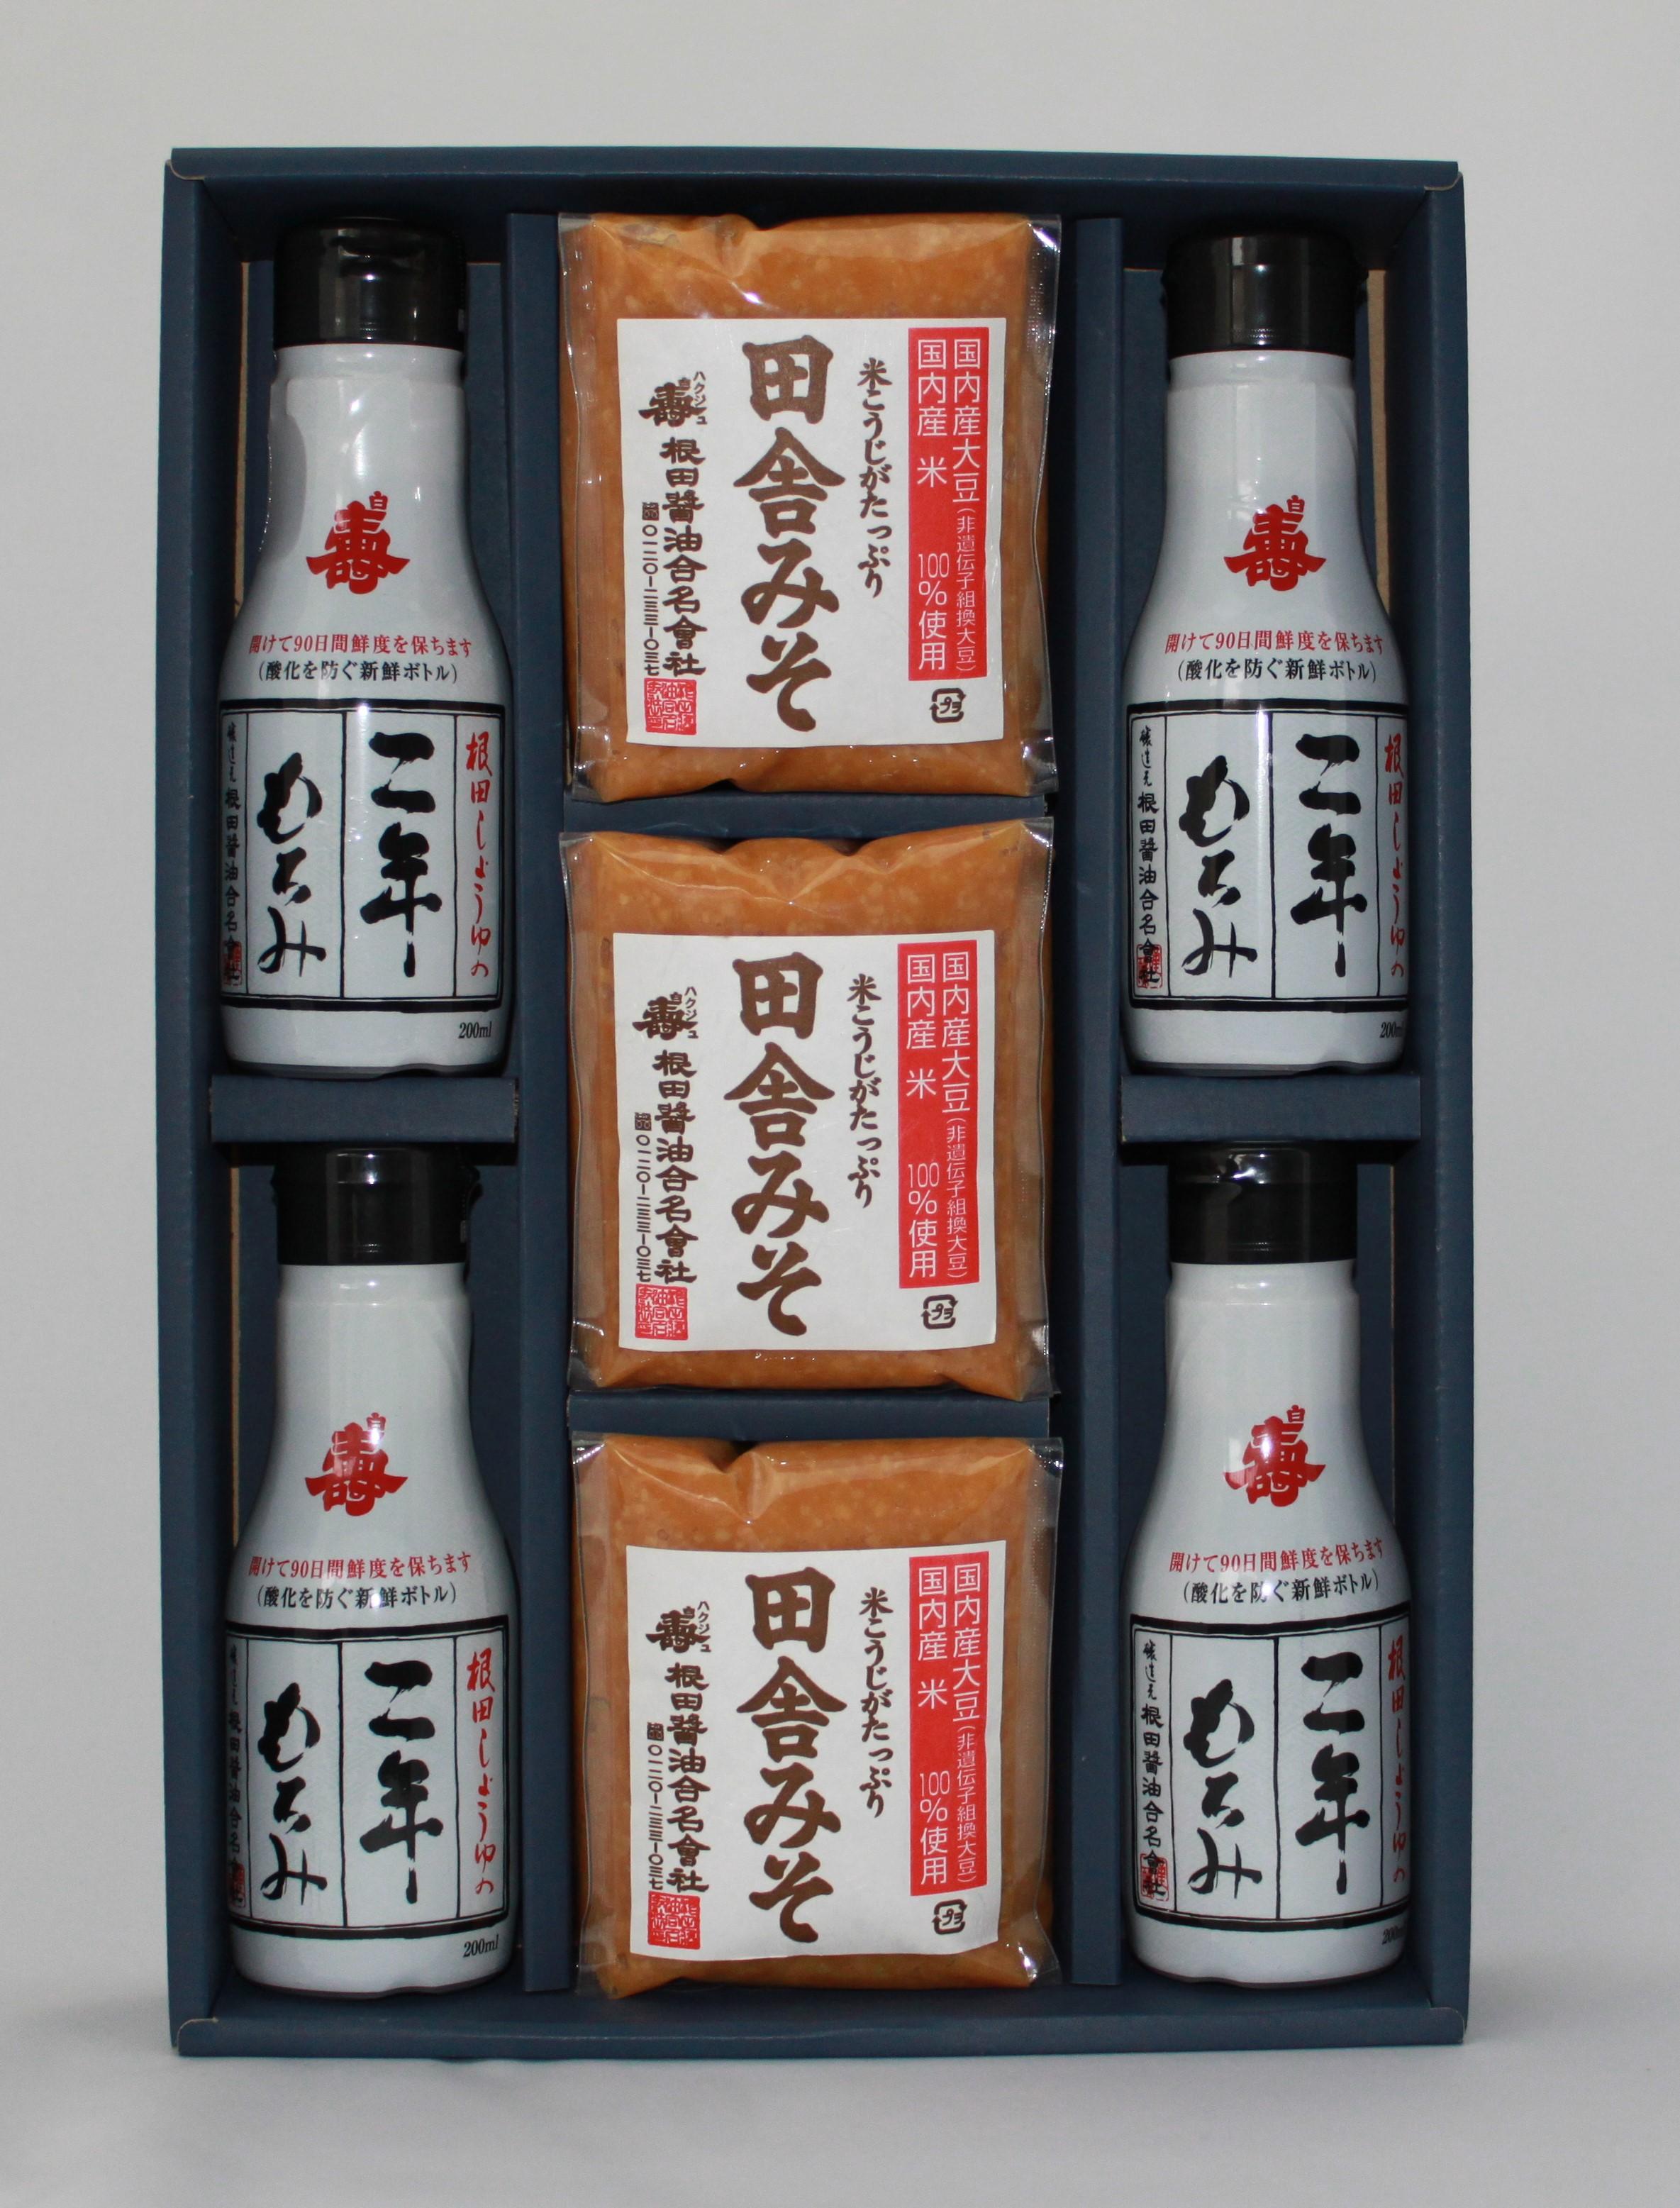 味噌と醤油の詰合せ 田舎みそ500g×3個、二年もろみ醤油鮮度ボトル200ml×4本(ND25)